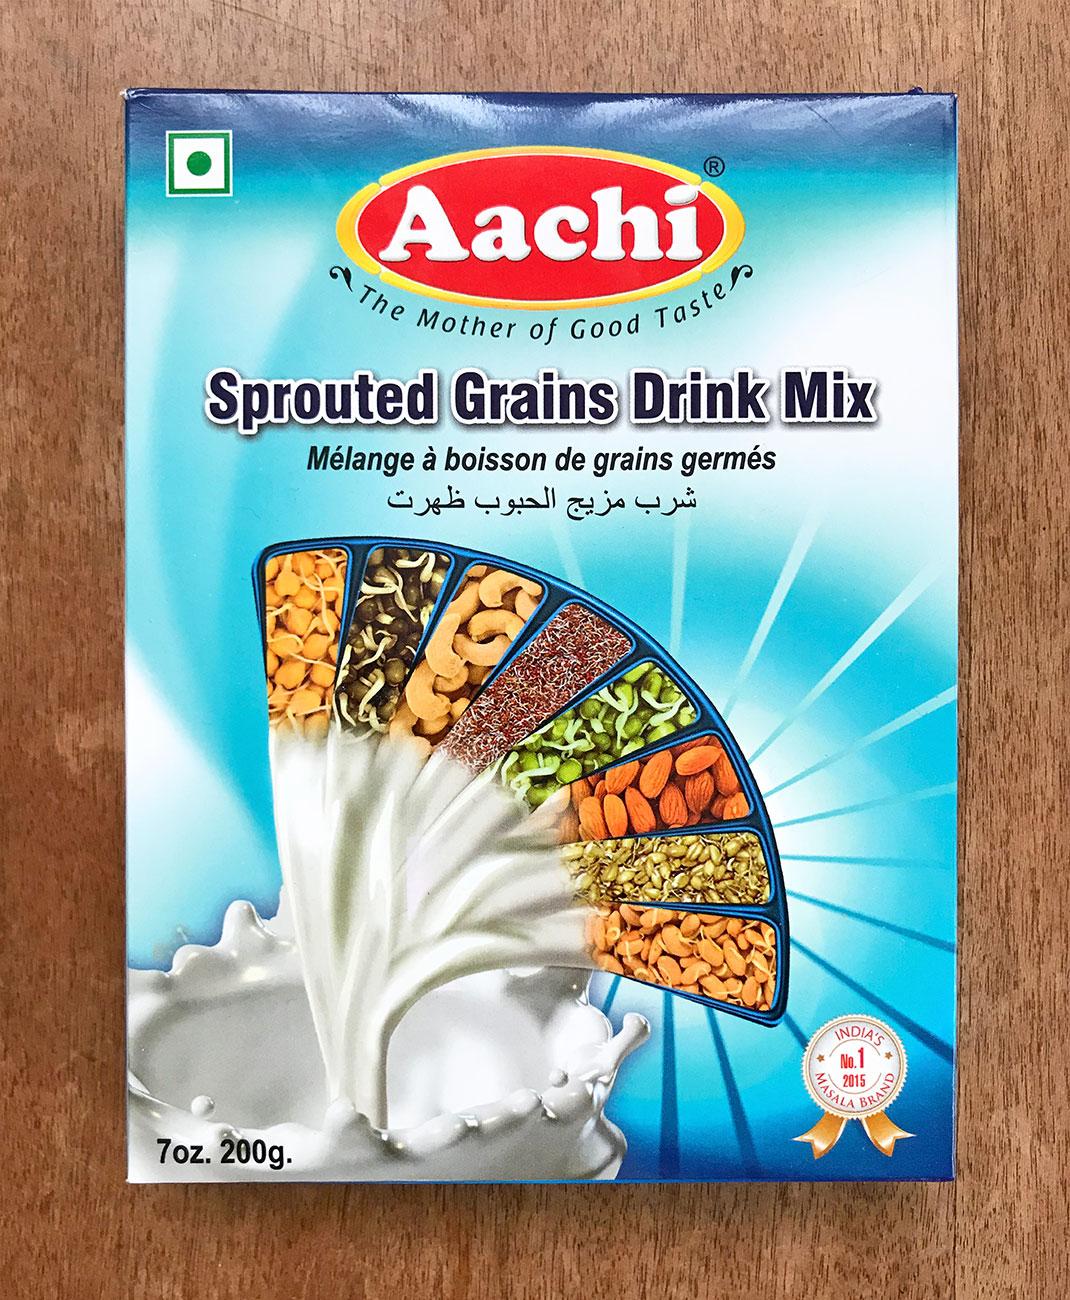 インドの発芽穀物ミルクのパッケージ